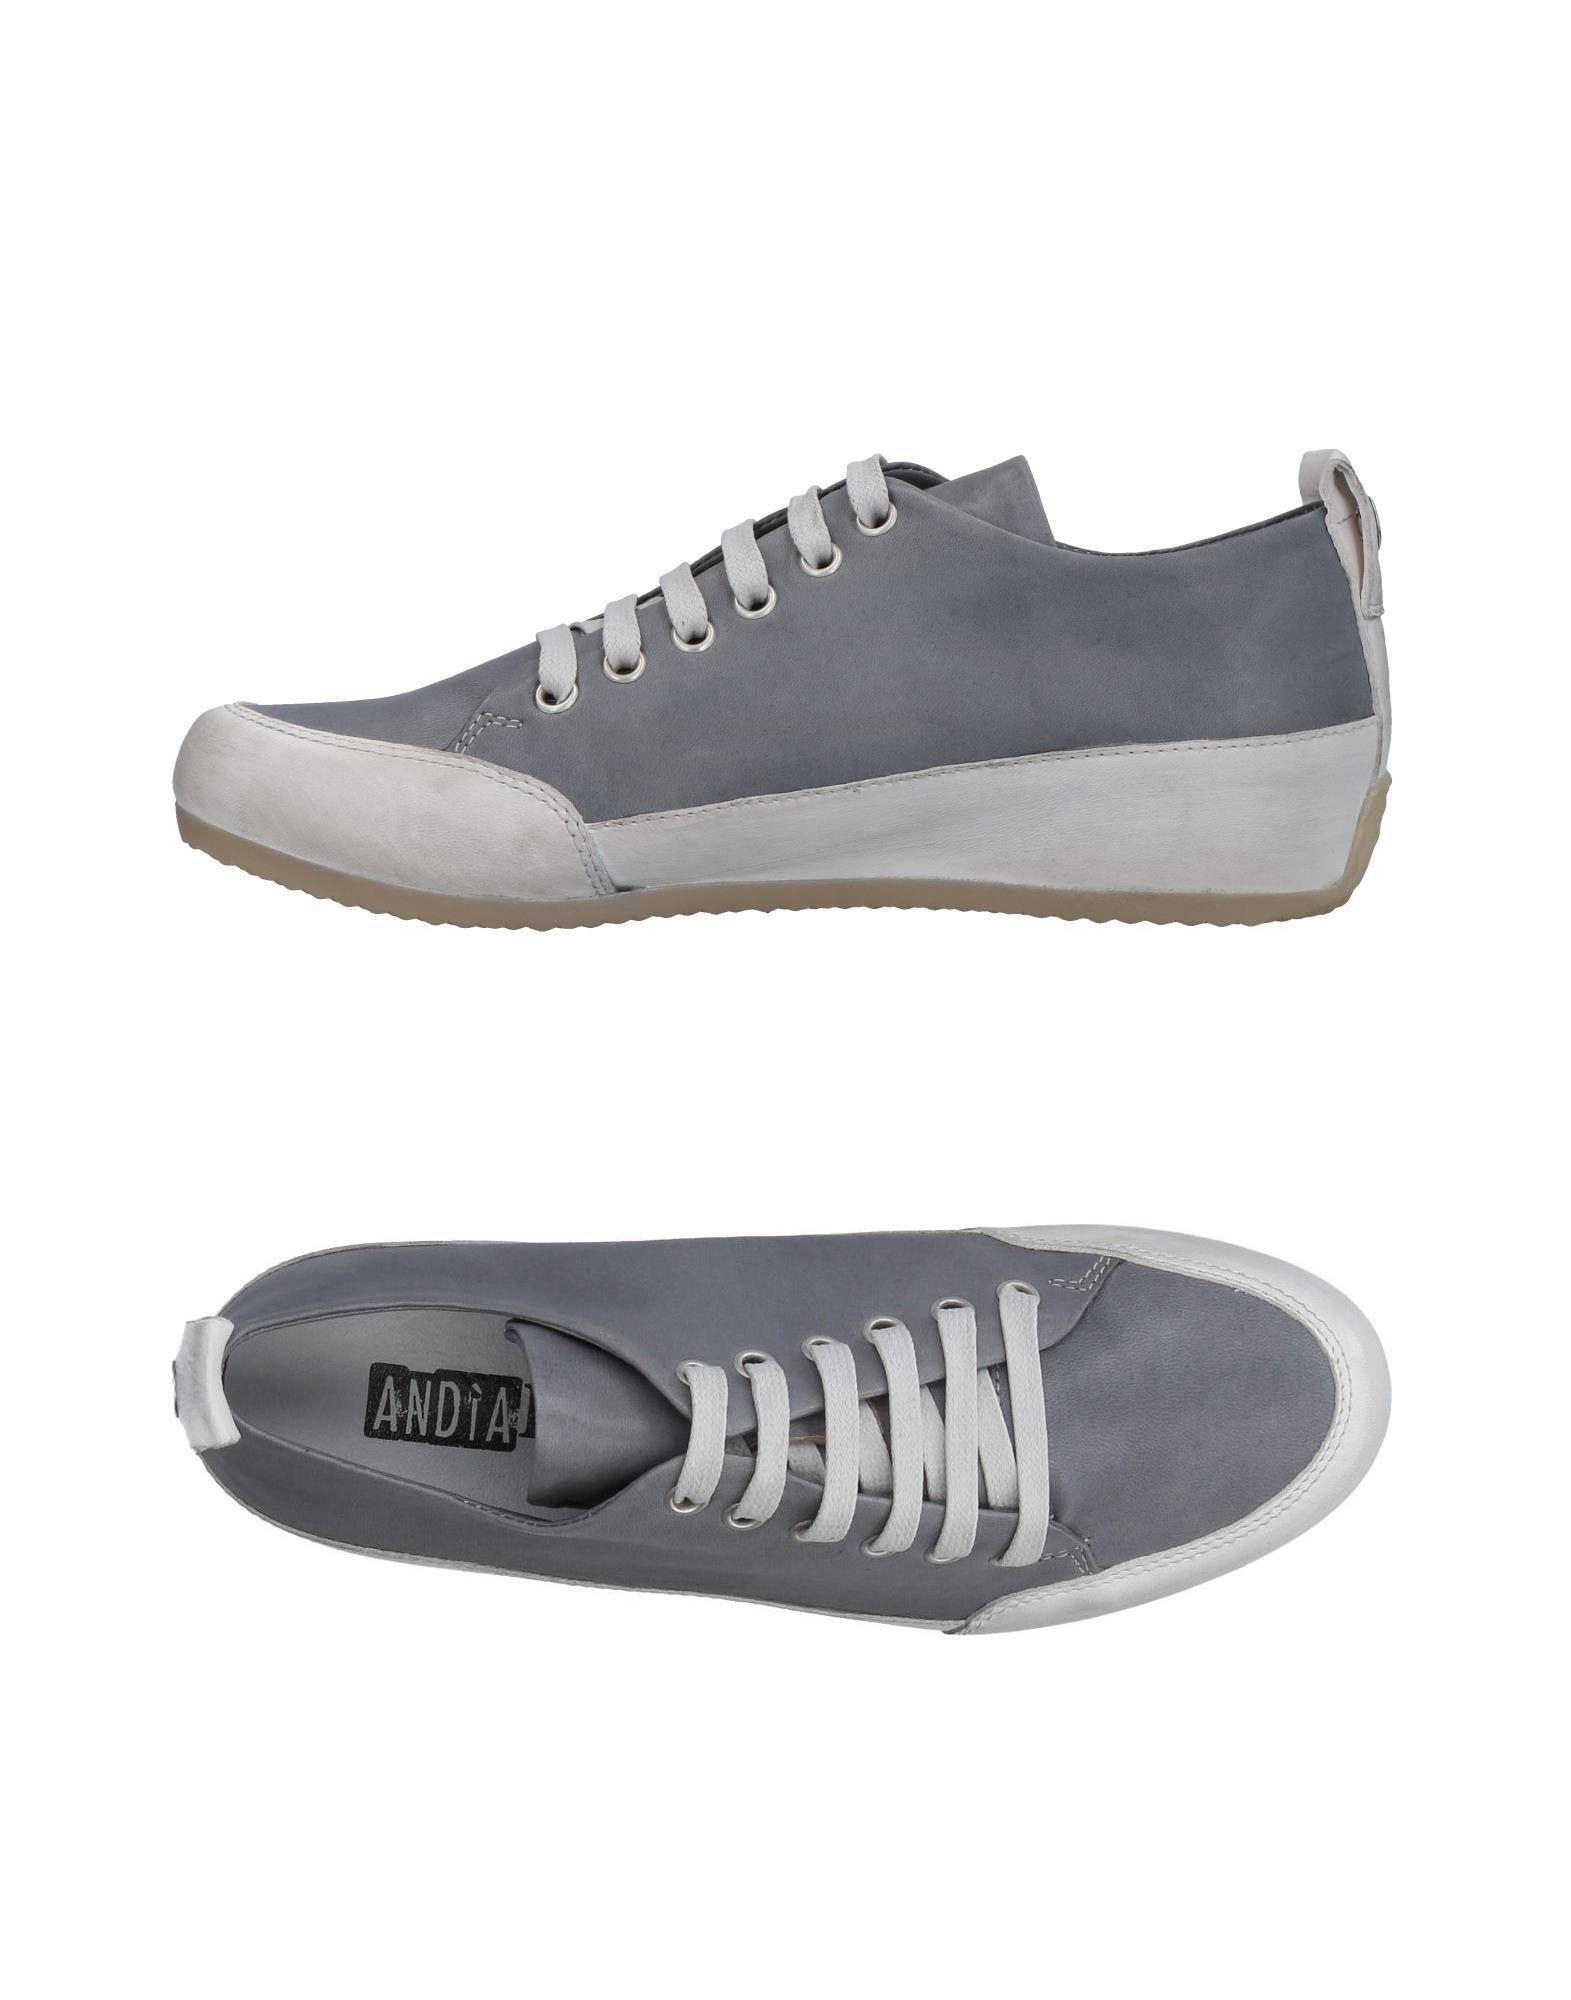 Andìa Fora Schnürschuhe Damen  11395291HC Gute Qualität beliebte Schuhe